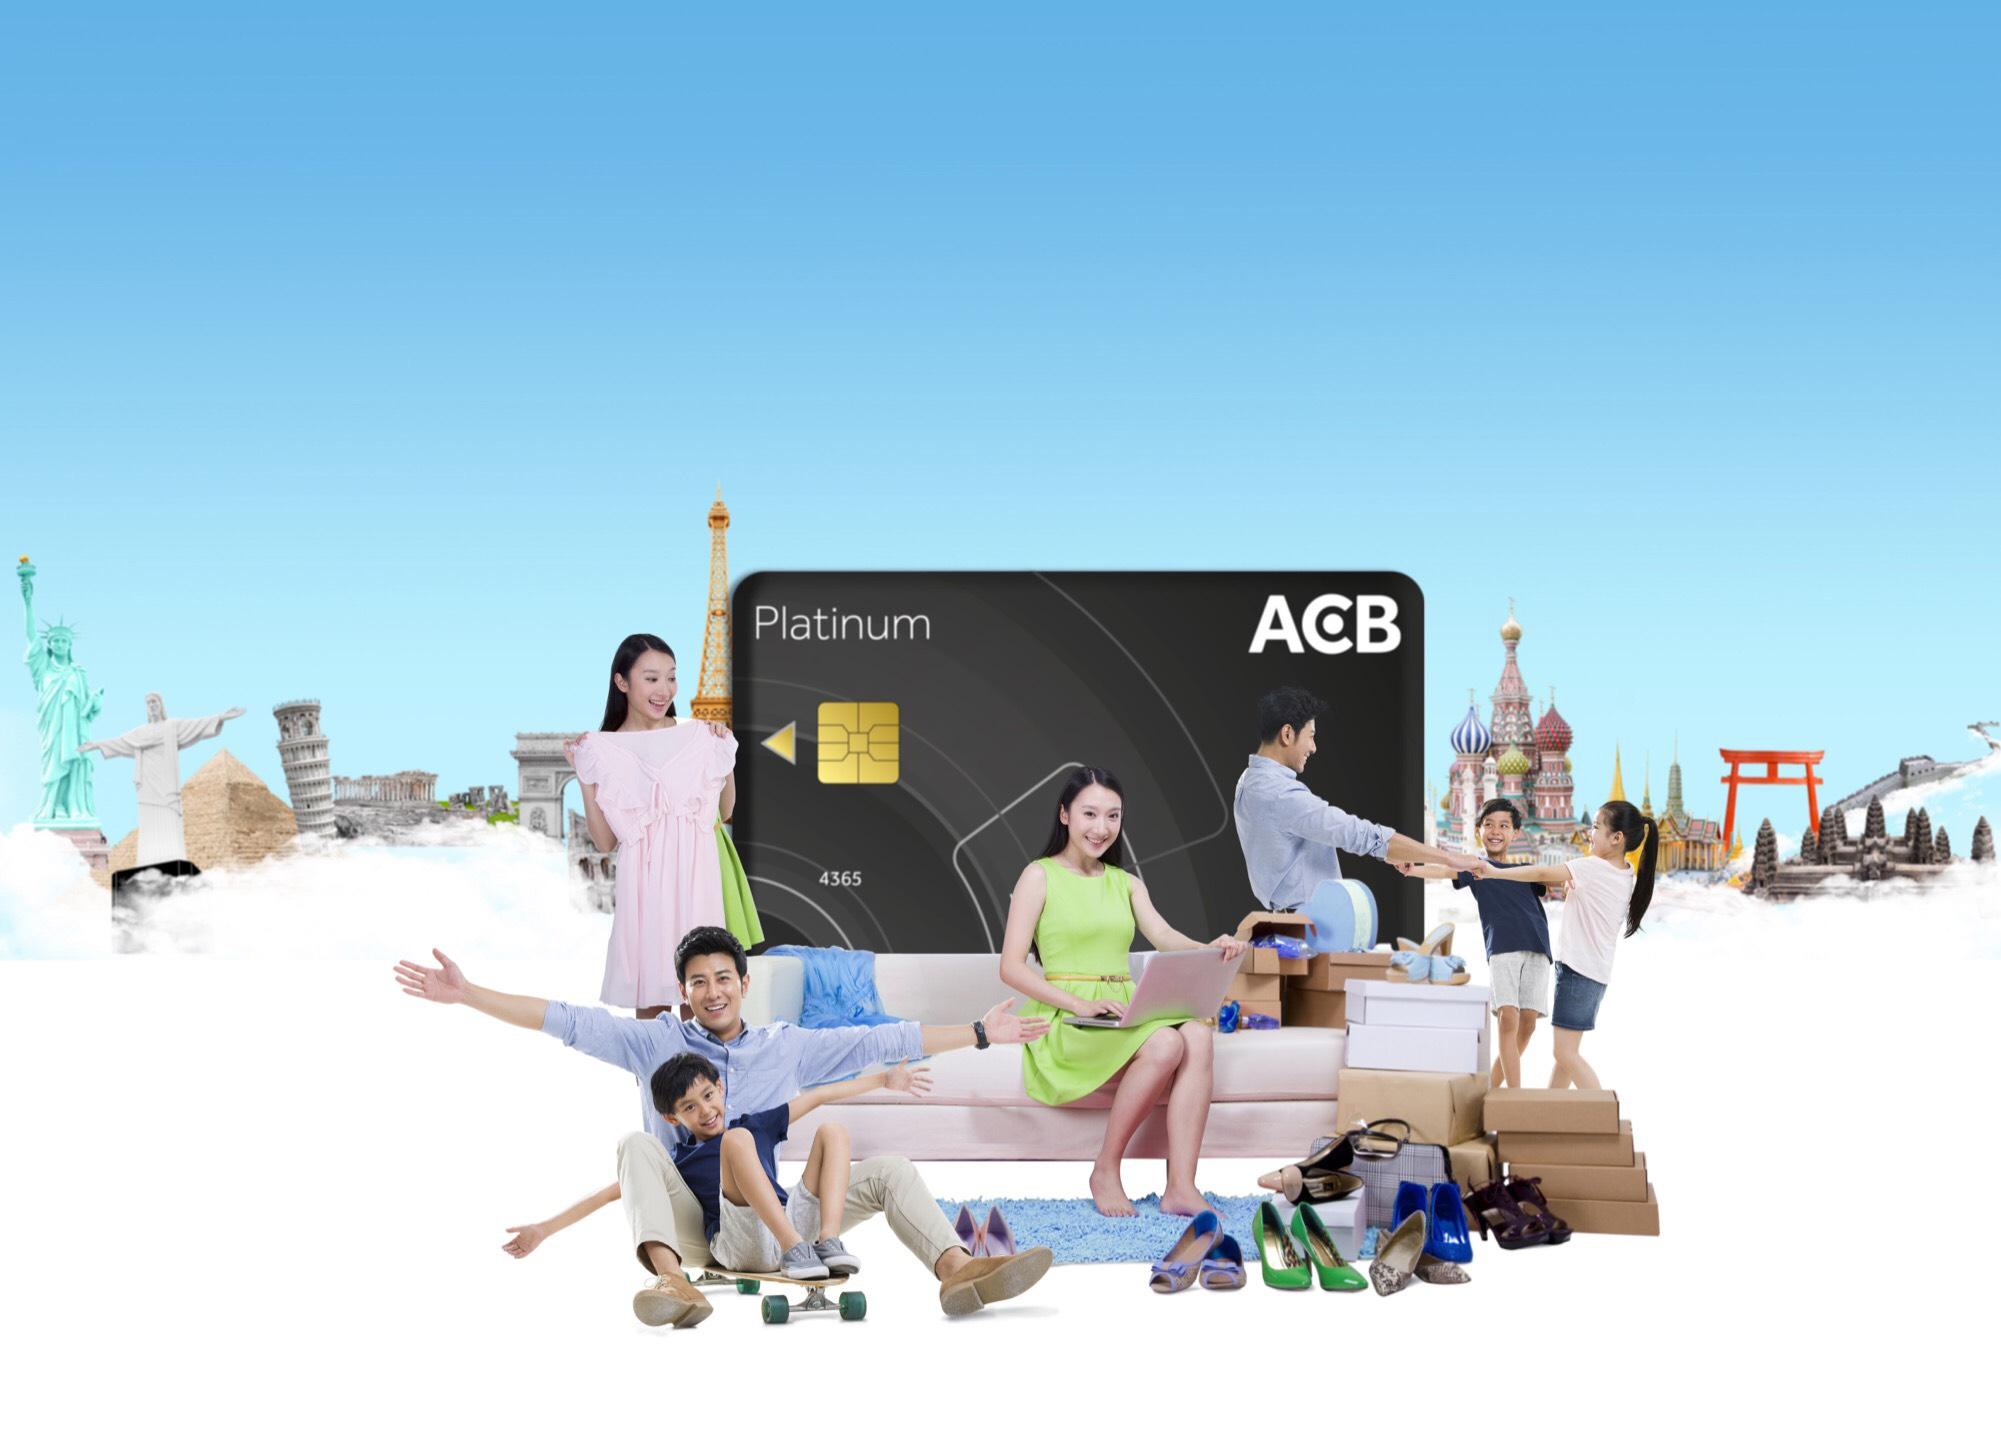 Cách mở thẻ tín dụng Ngân hàng ACB, điều kiện và thủ tục làm thẻ tín dụng - Ảnh 1.